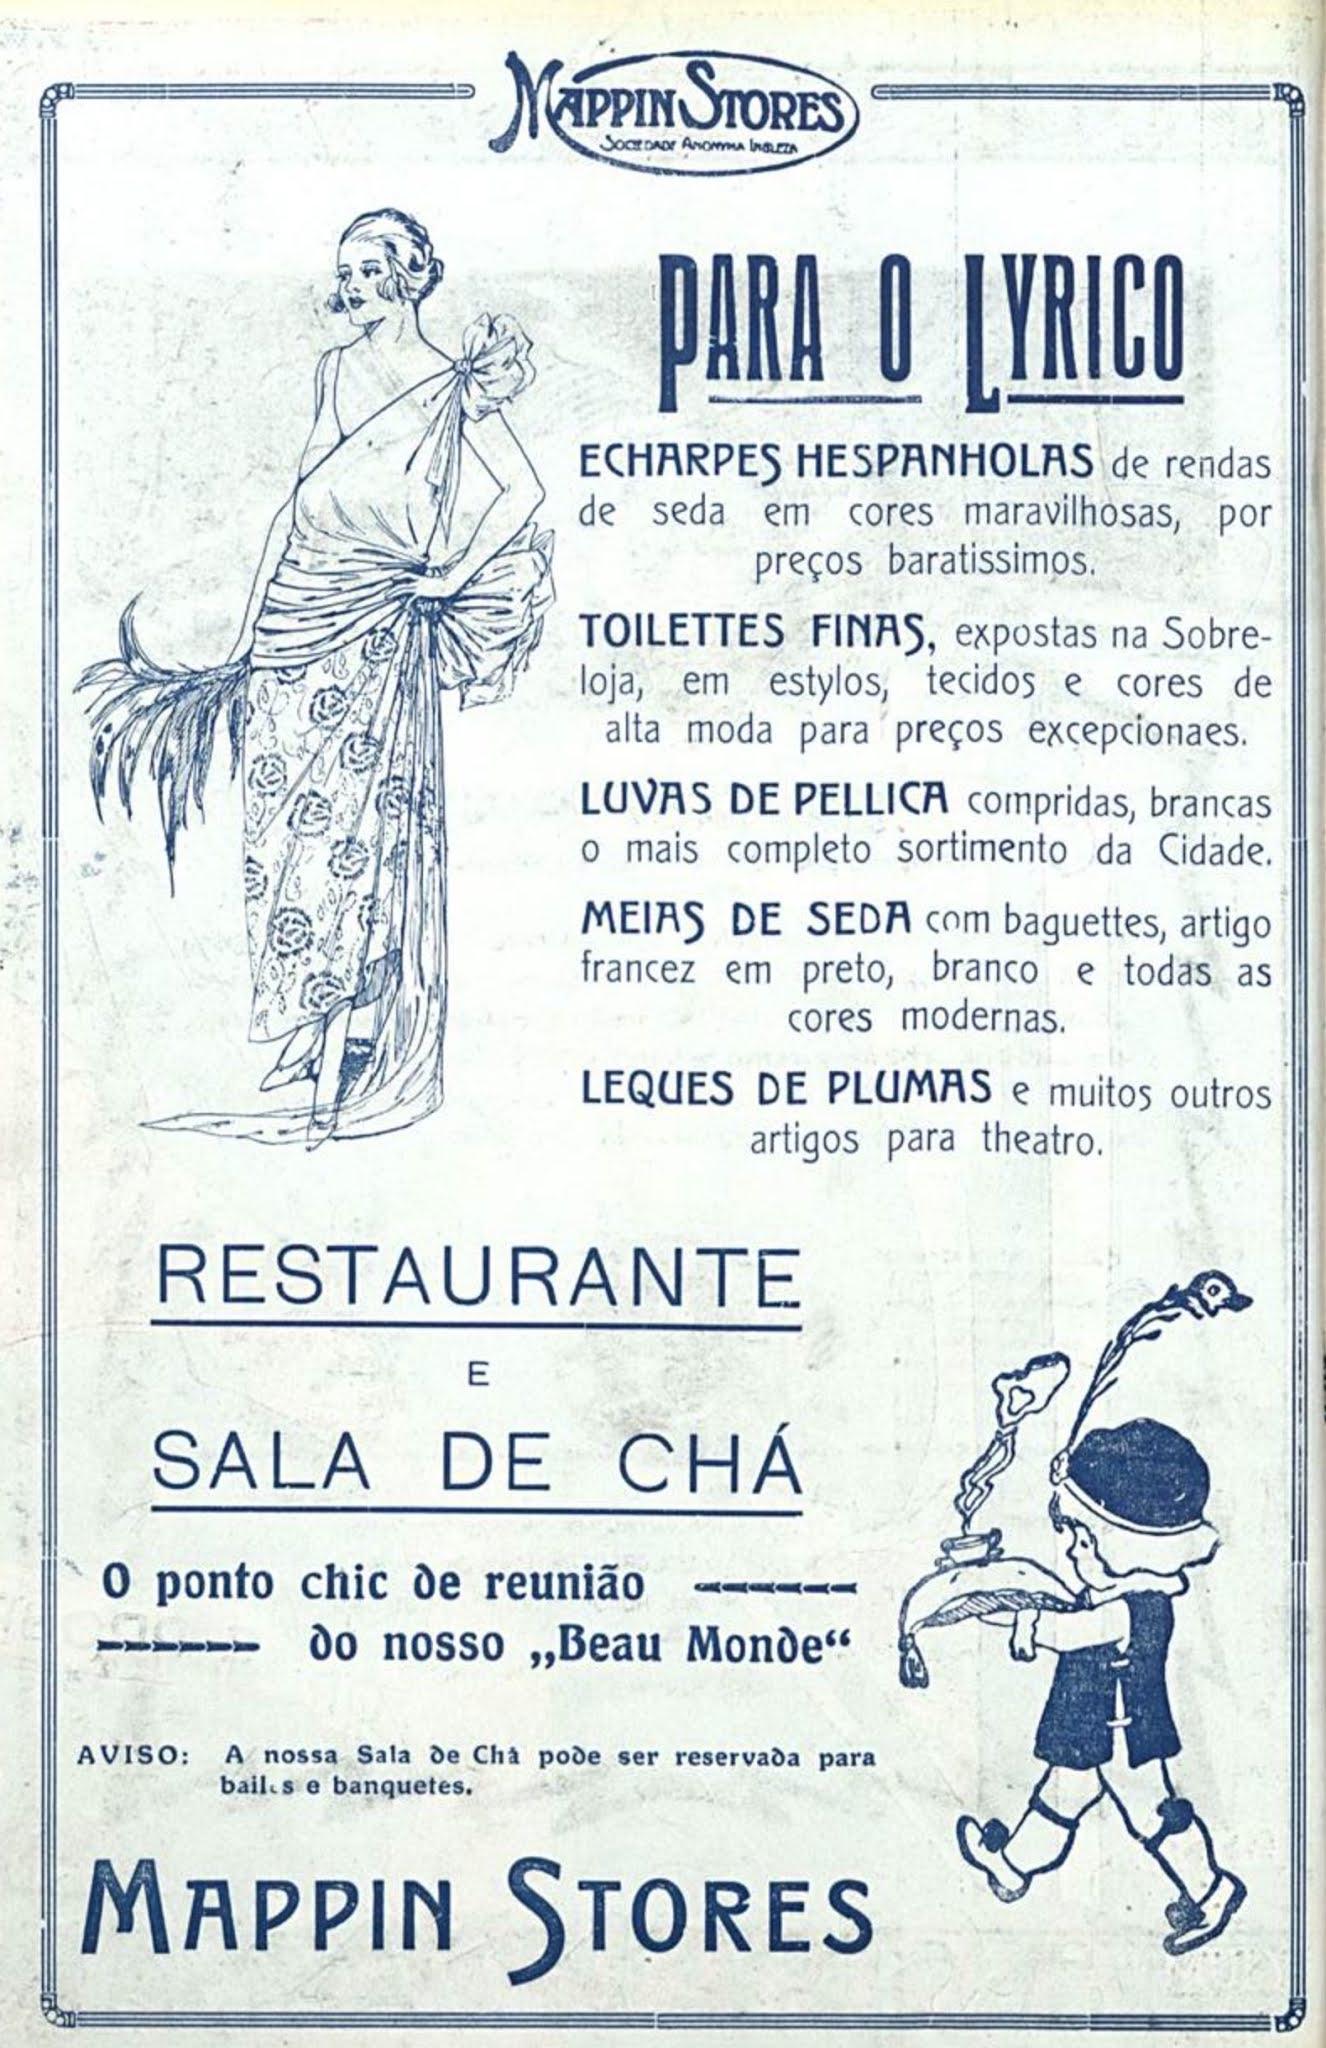 Anúncio antigo do Mappin Stores promovendo sua linha de roupas e serviço de restaurantes